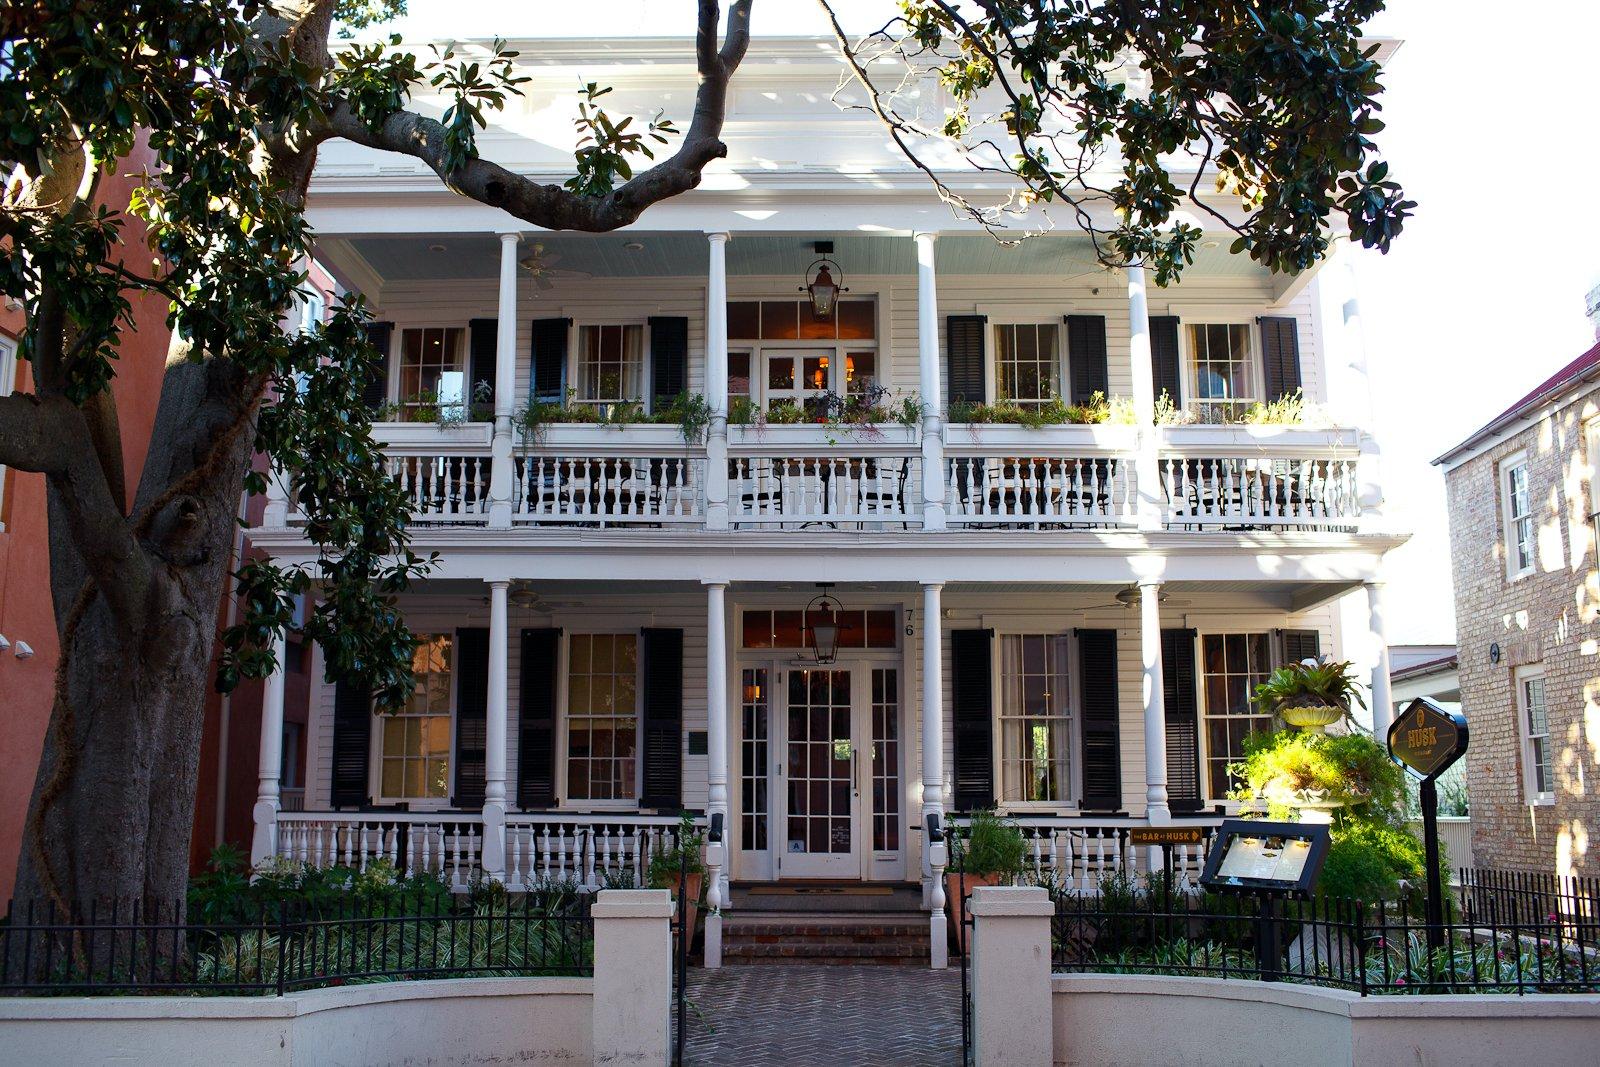 Husk_Restaurant_Charleston_SC-1